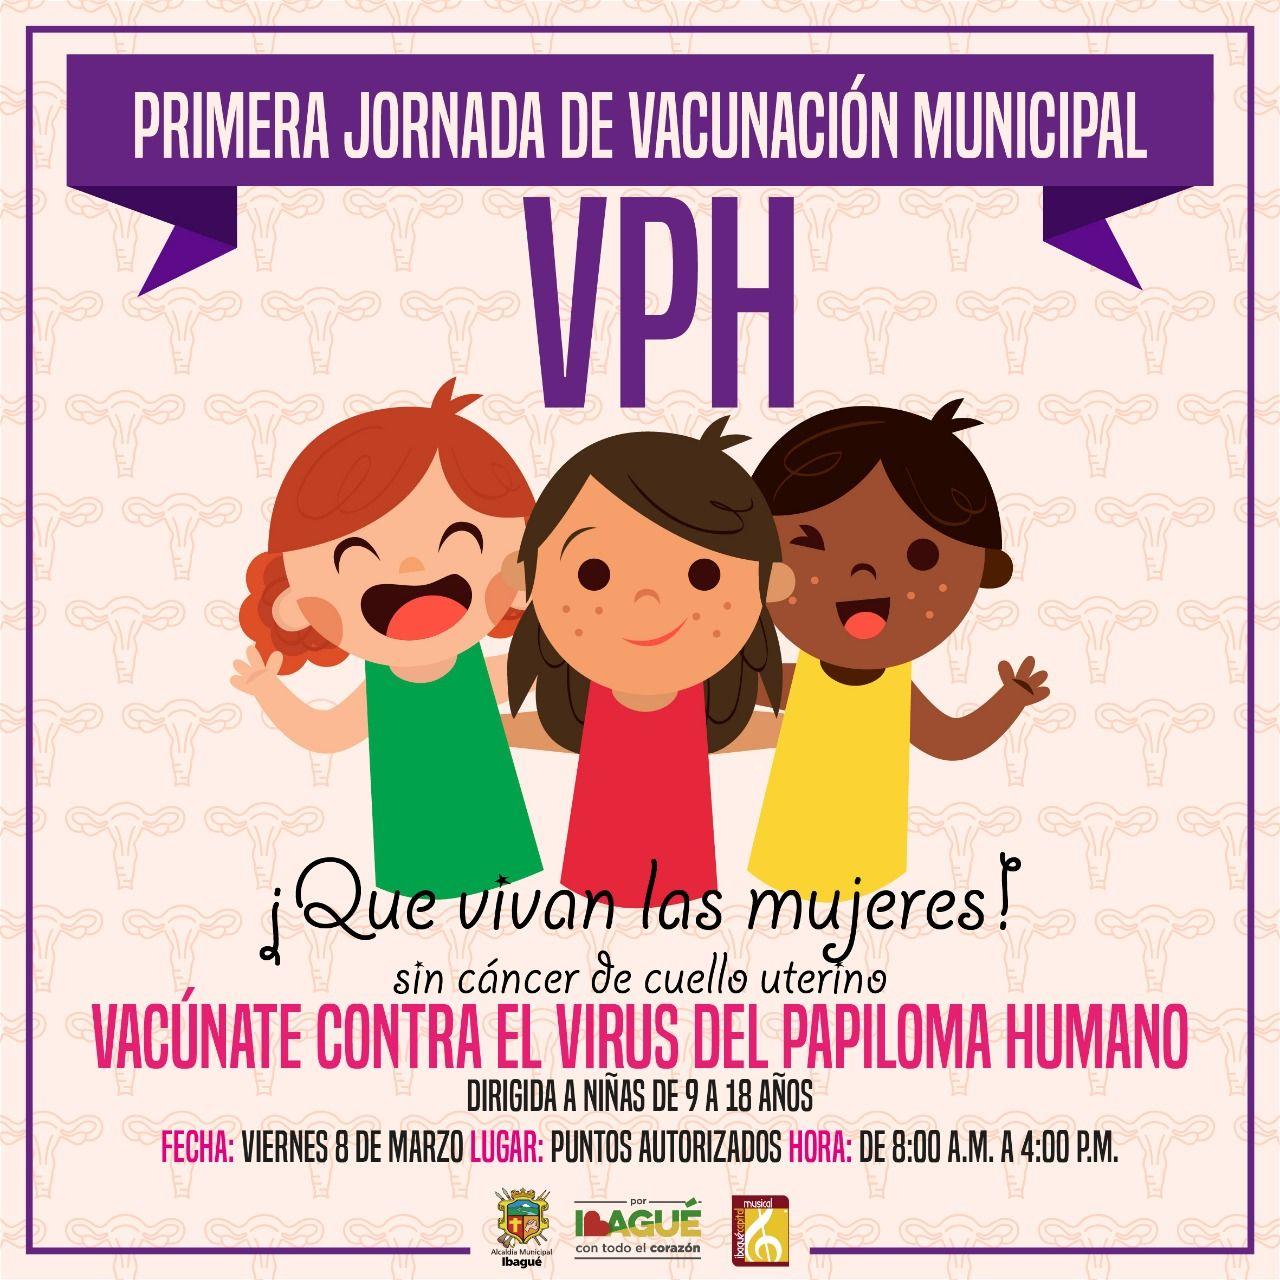 Vacúnese este viernes contra el Virus del Papiloma Humano